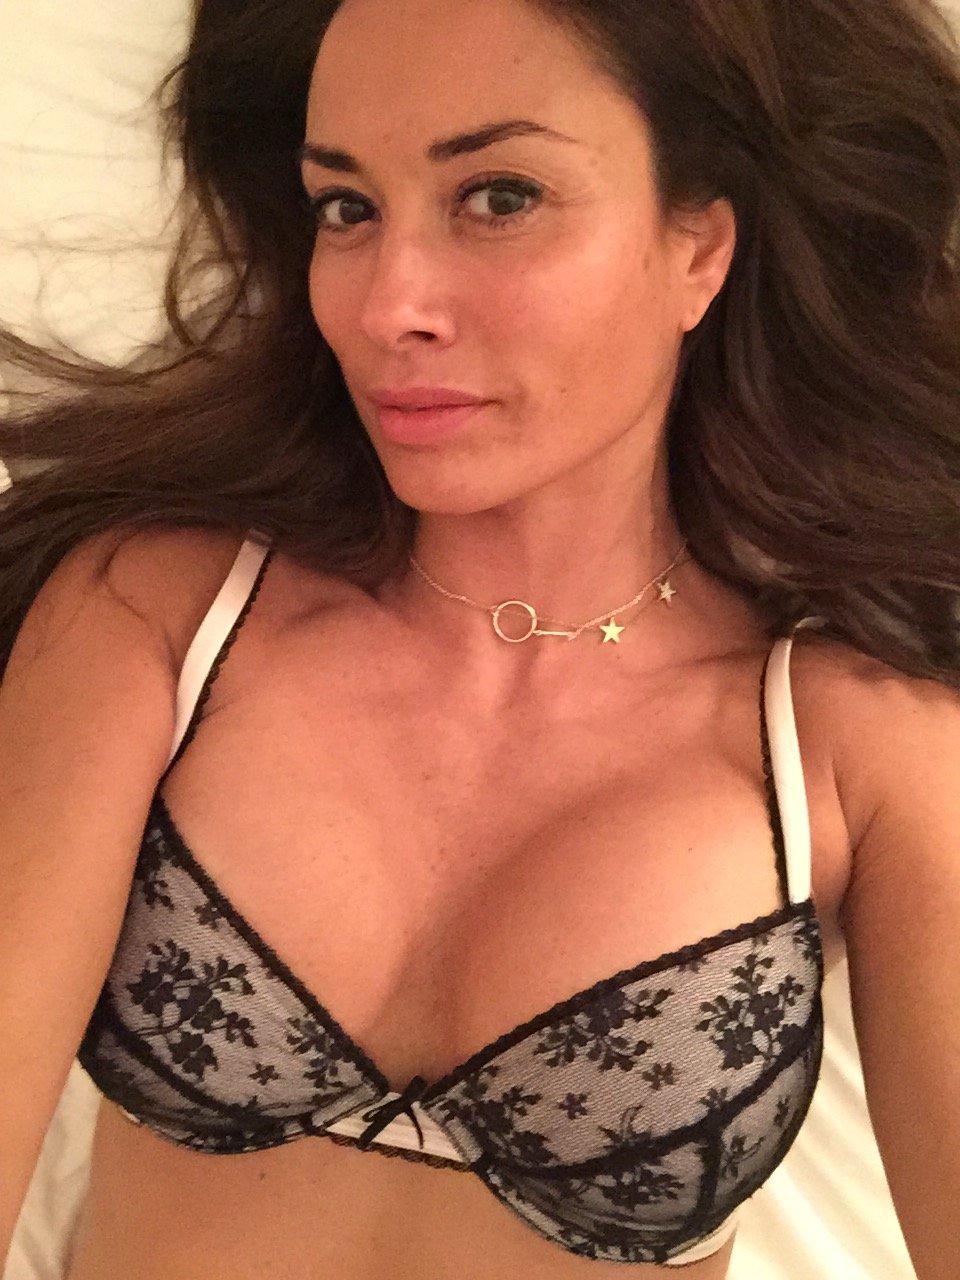 Melanie sykes topless